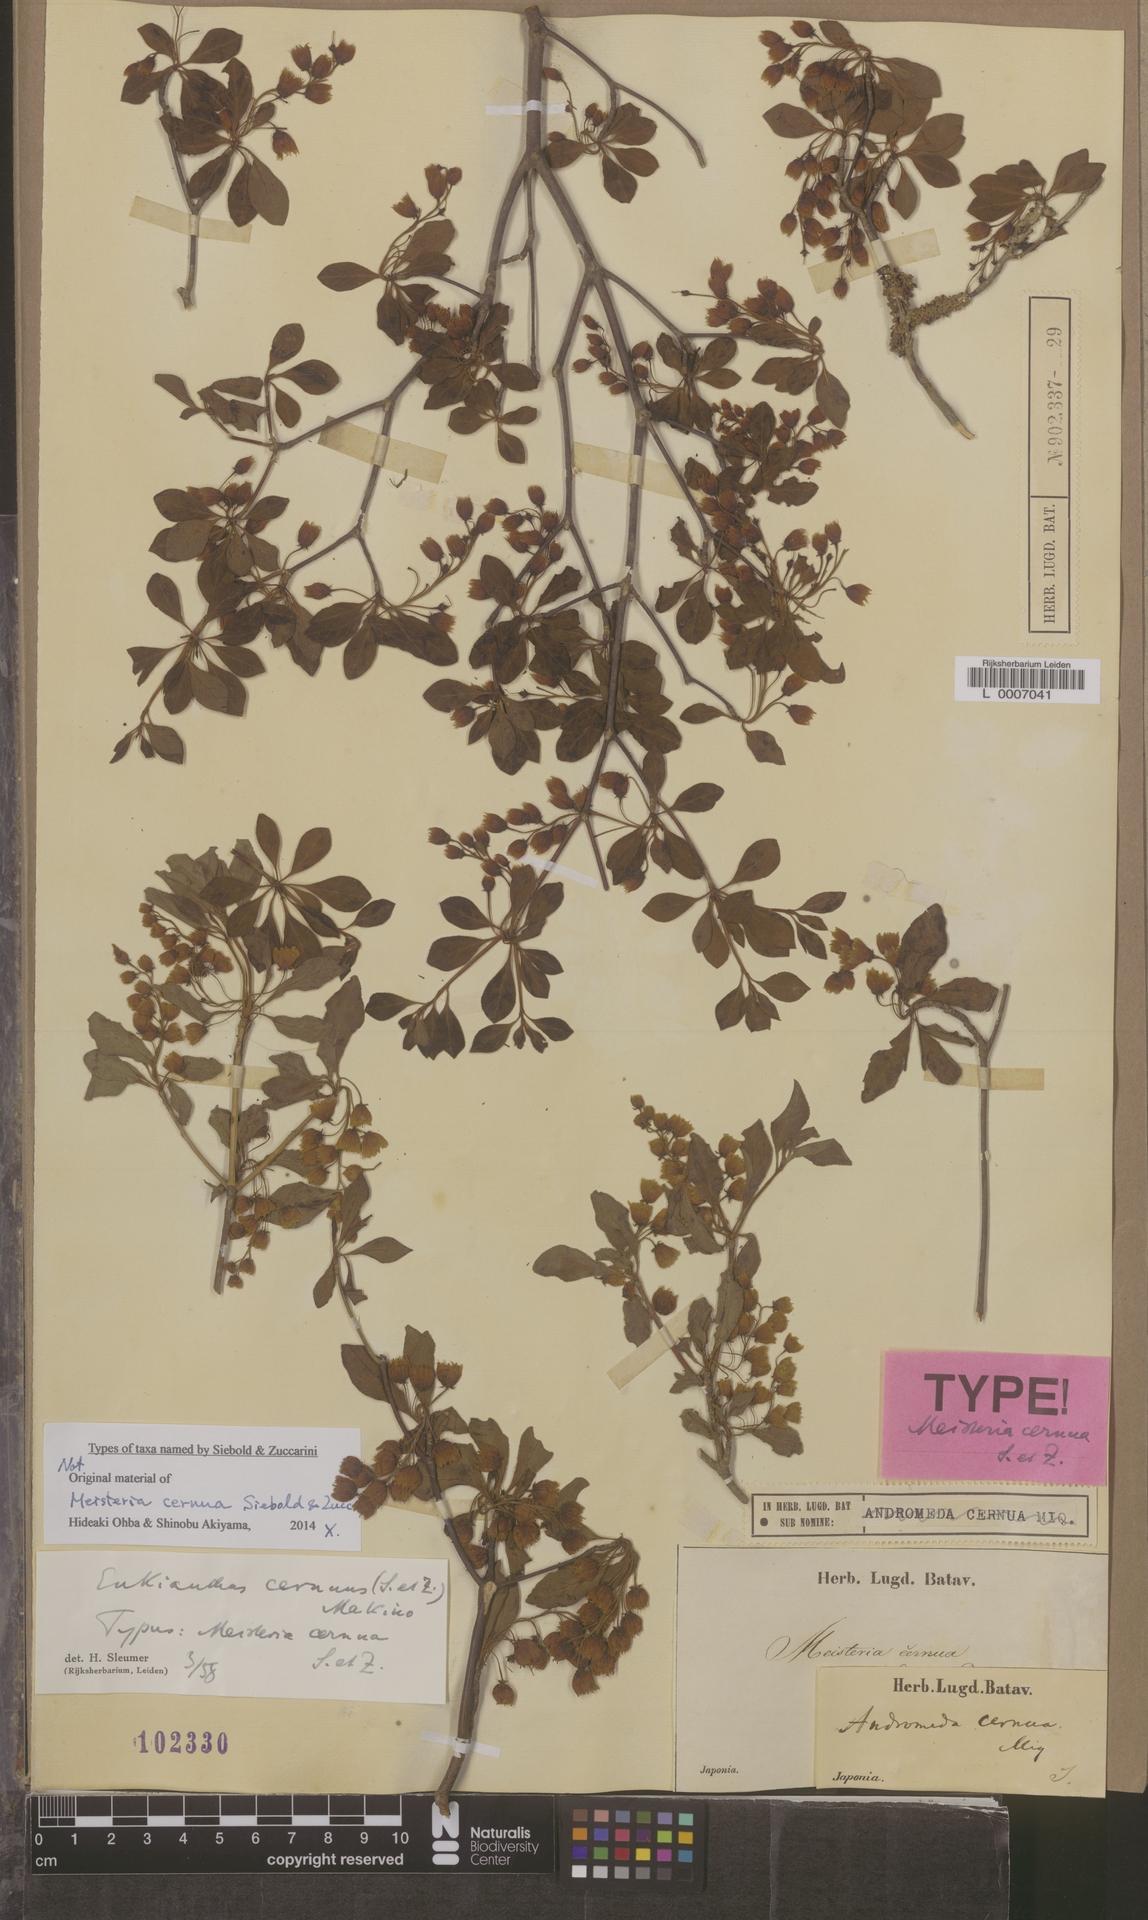 L  0007041 | Enkianthus cernuus (Siebold & Zucc.) Makino